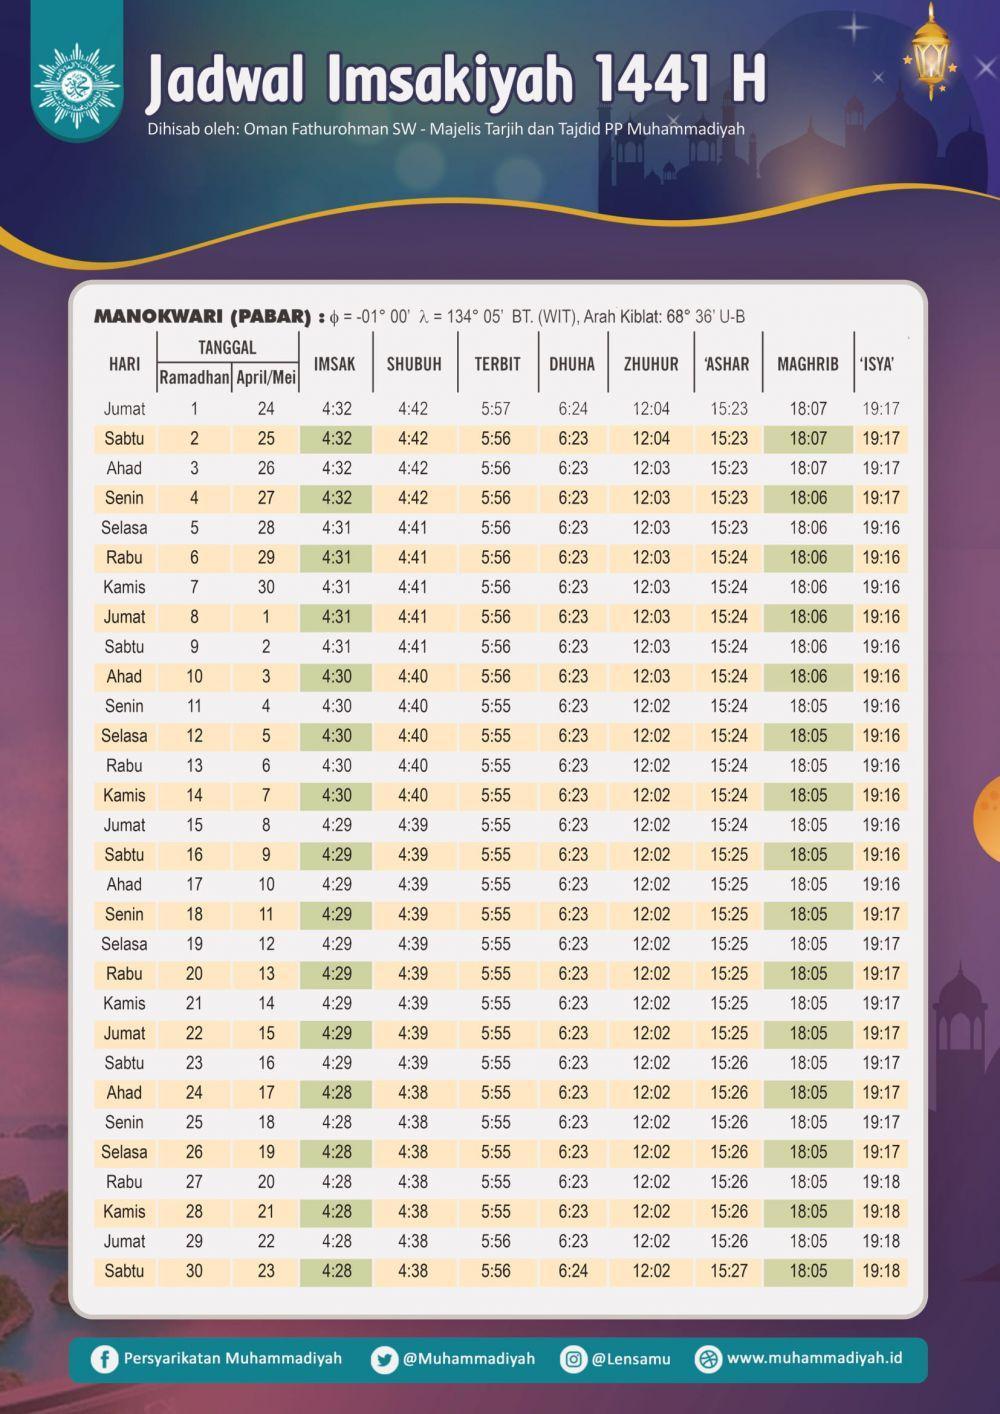 Jadwal Imsakiyah dan Buka Puasa Ramadan 1441 H/2020 M, Manokwari